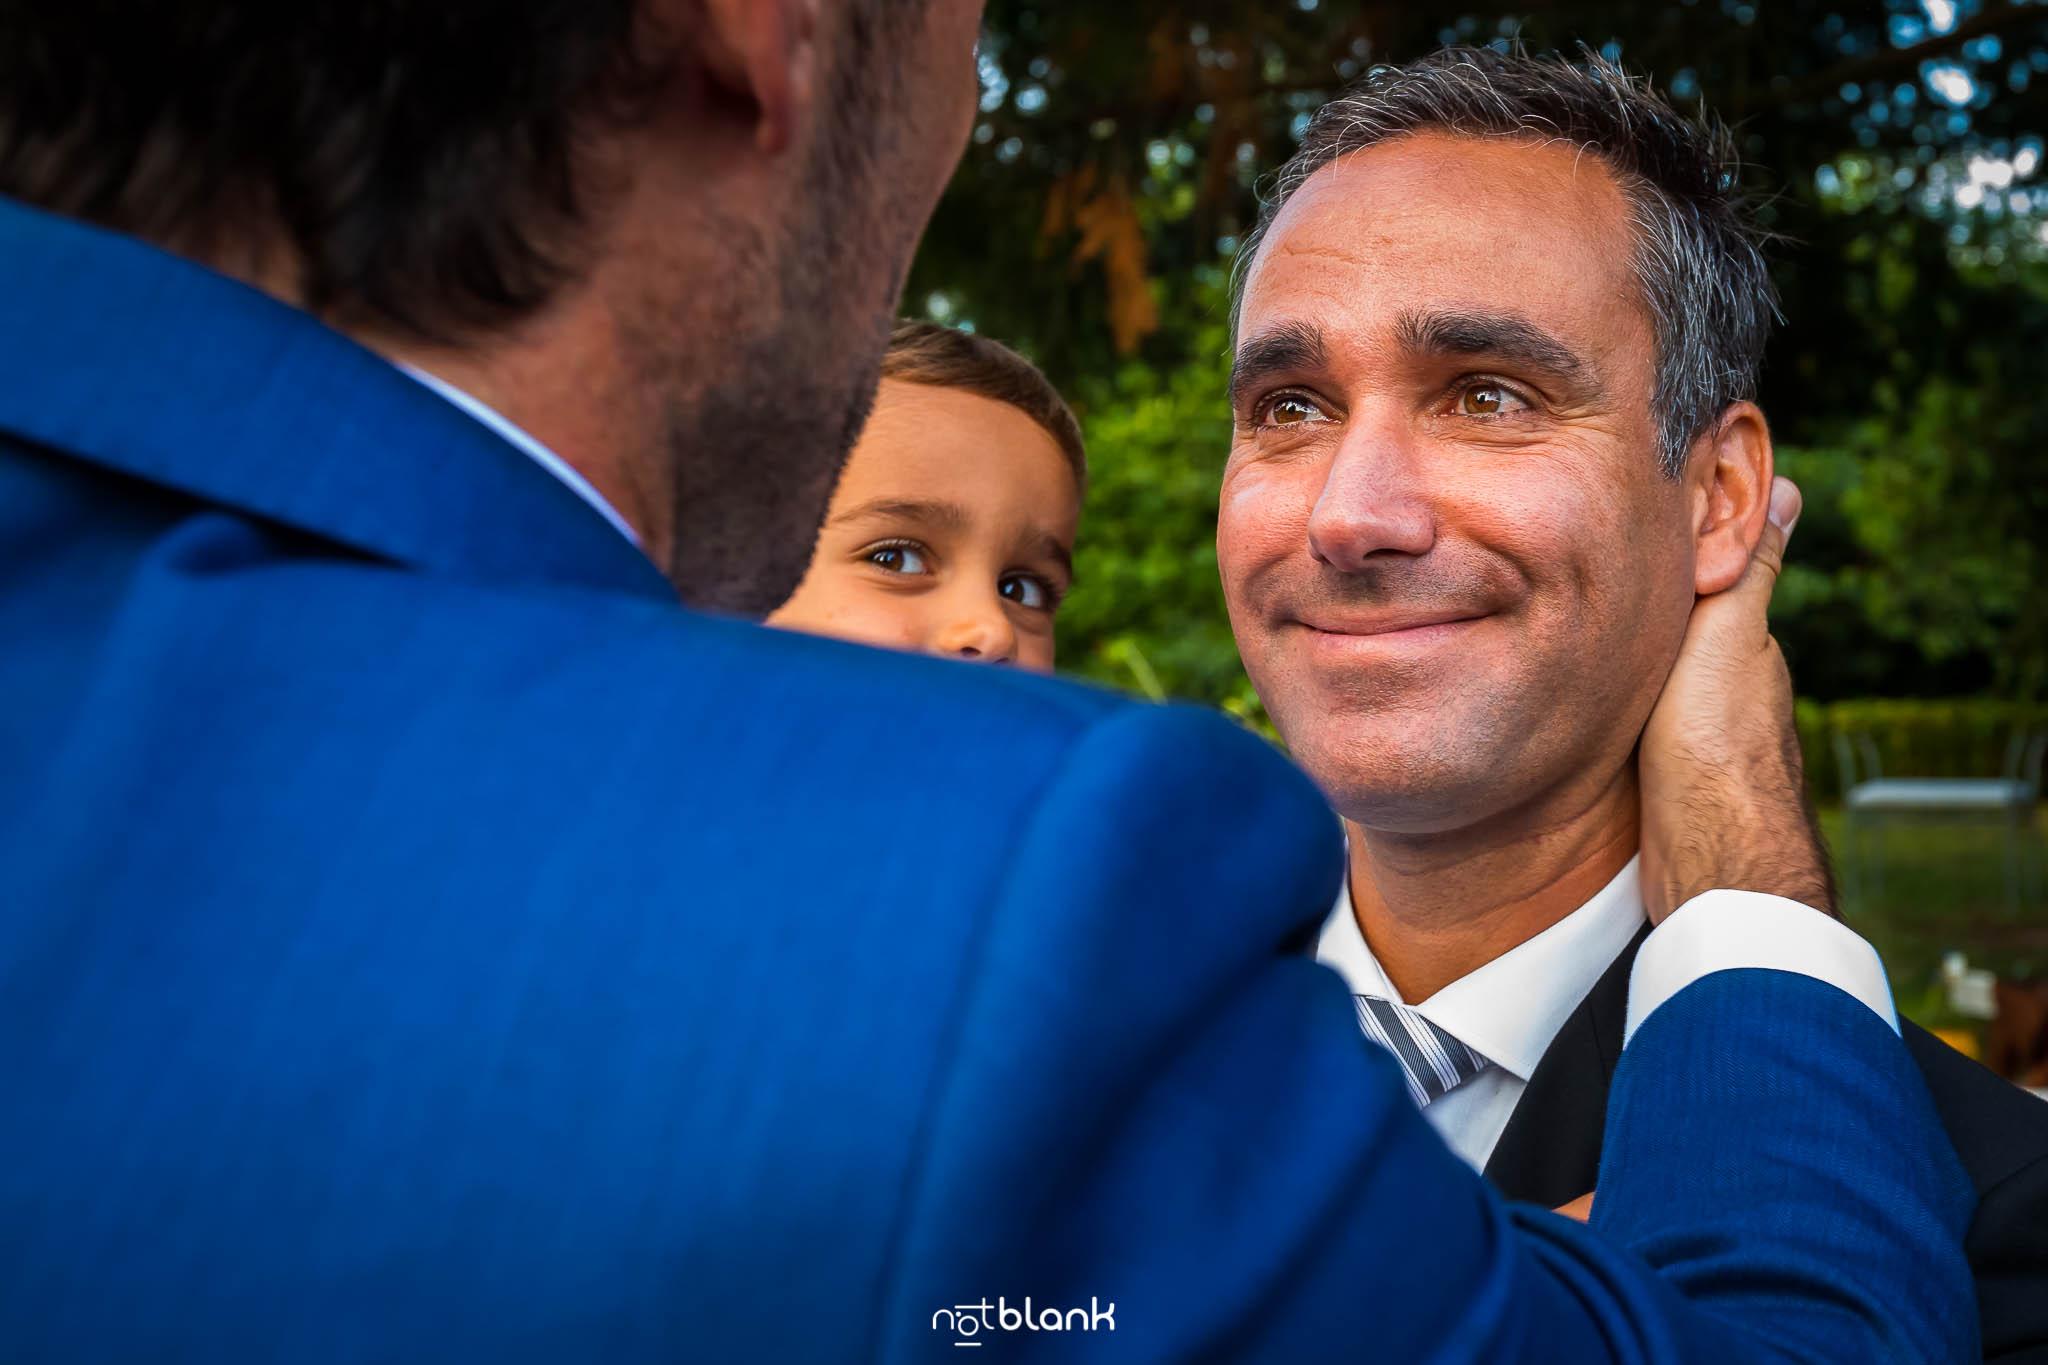 Boda En El Jardin De Casa Jana y Fran - Un amigo del novio mira con ojos llorosos y cara de alegria al novio mientras este le abraza - Notblank Fotografos de boda